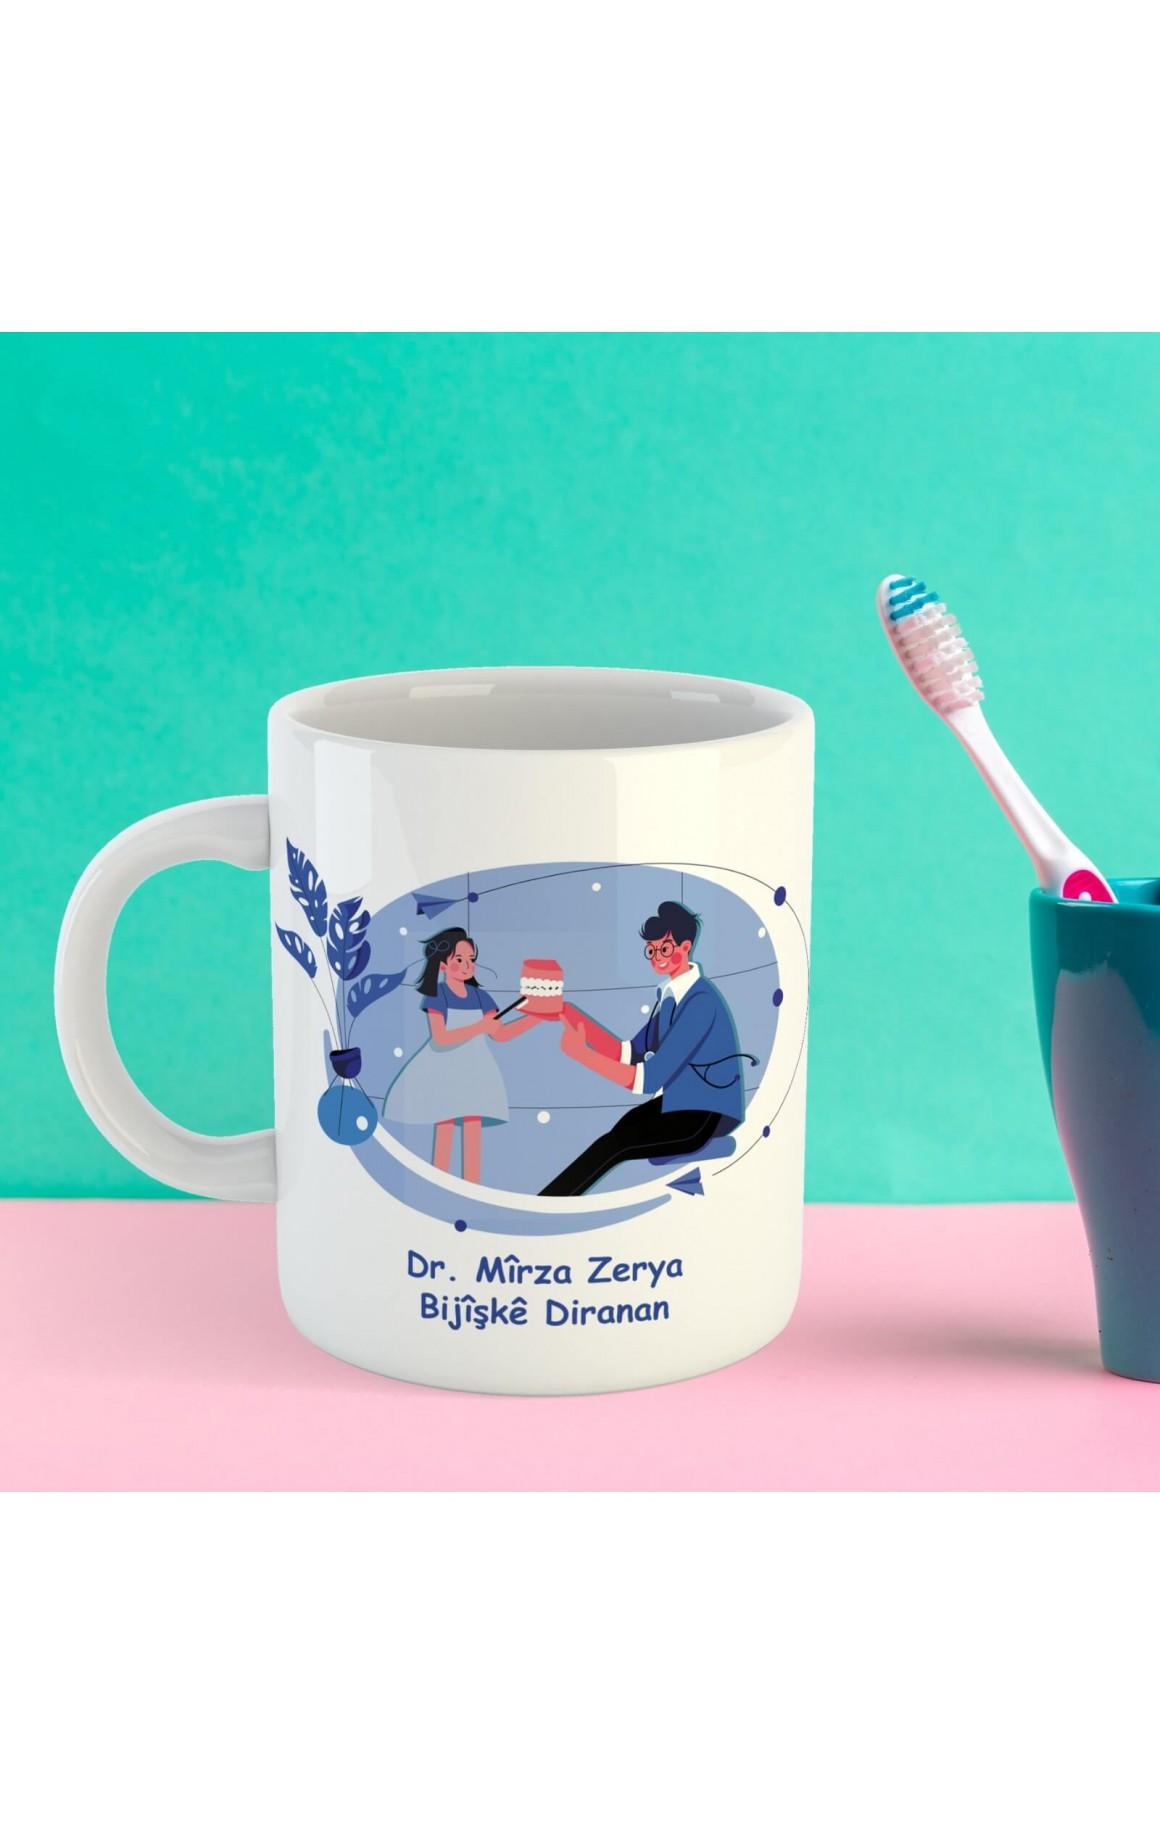 Doktorlara Özel İsimli Porselen Kupa - Bijîşkê Diranan